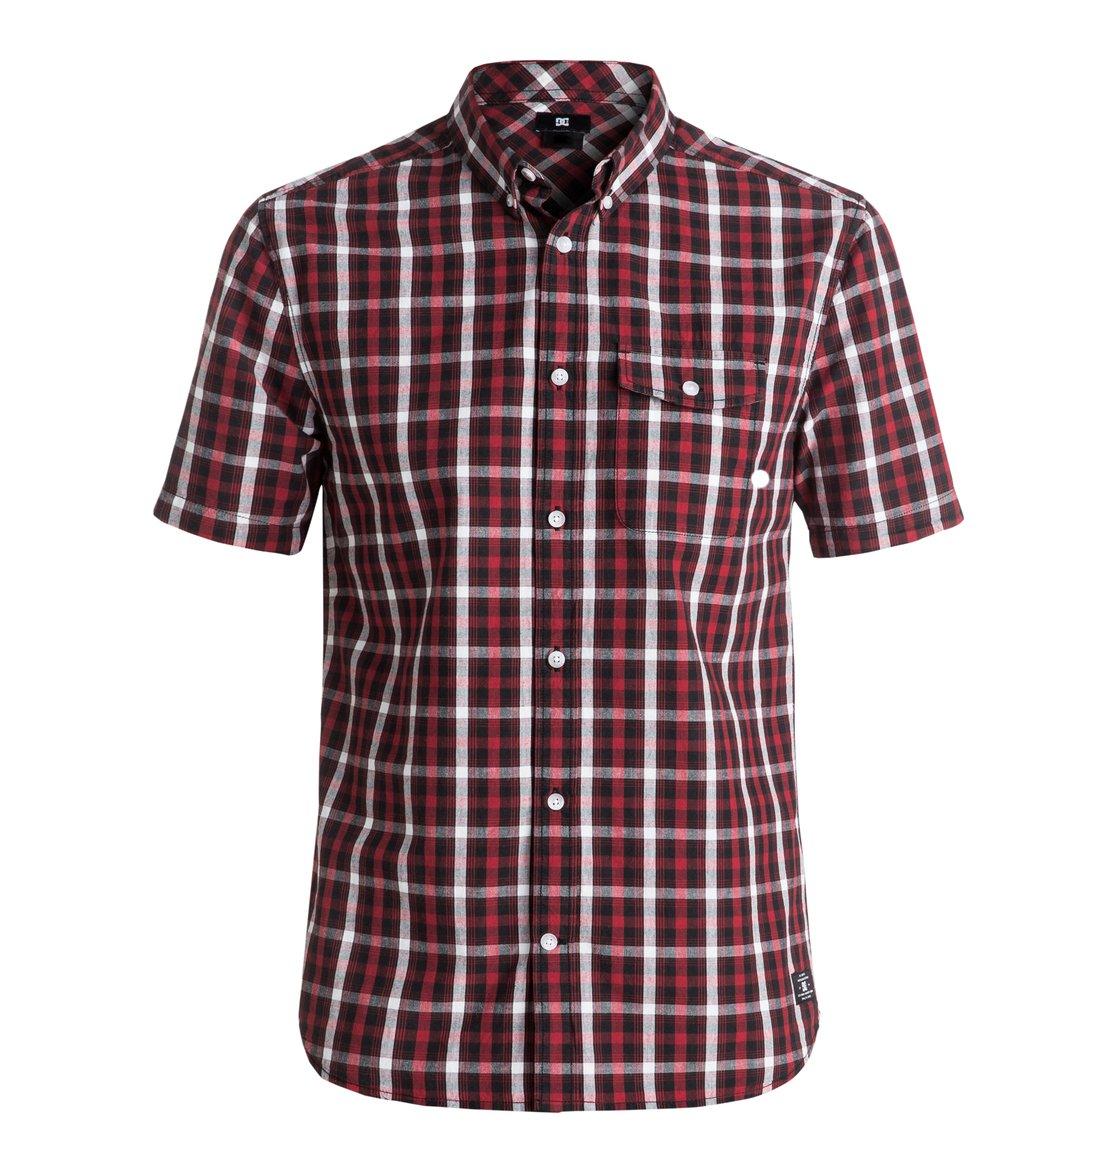 Рубашка Atura 5 с коротким рукавом рубашка в клетку dc atura 5 black